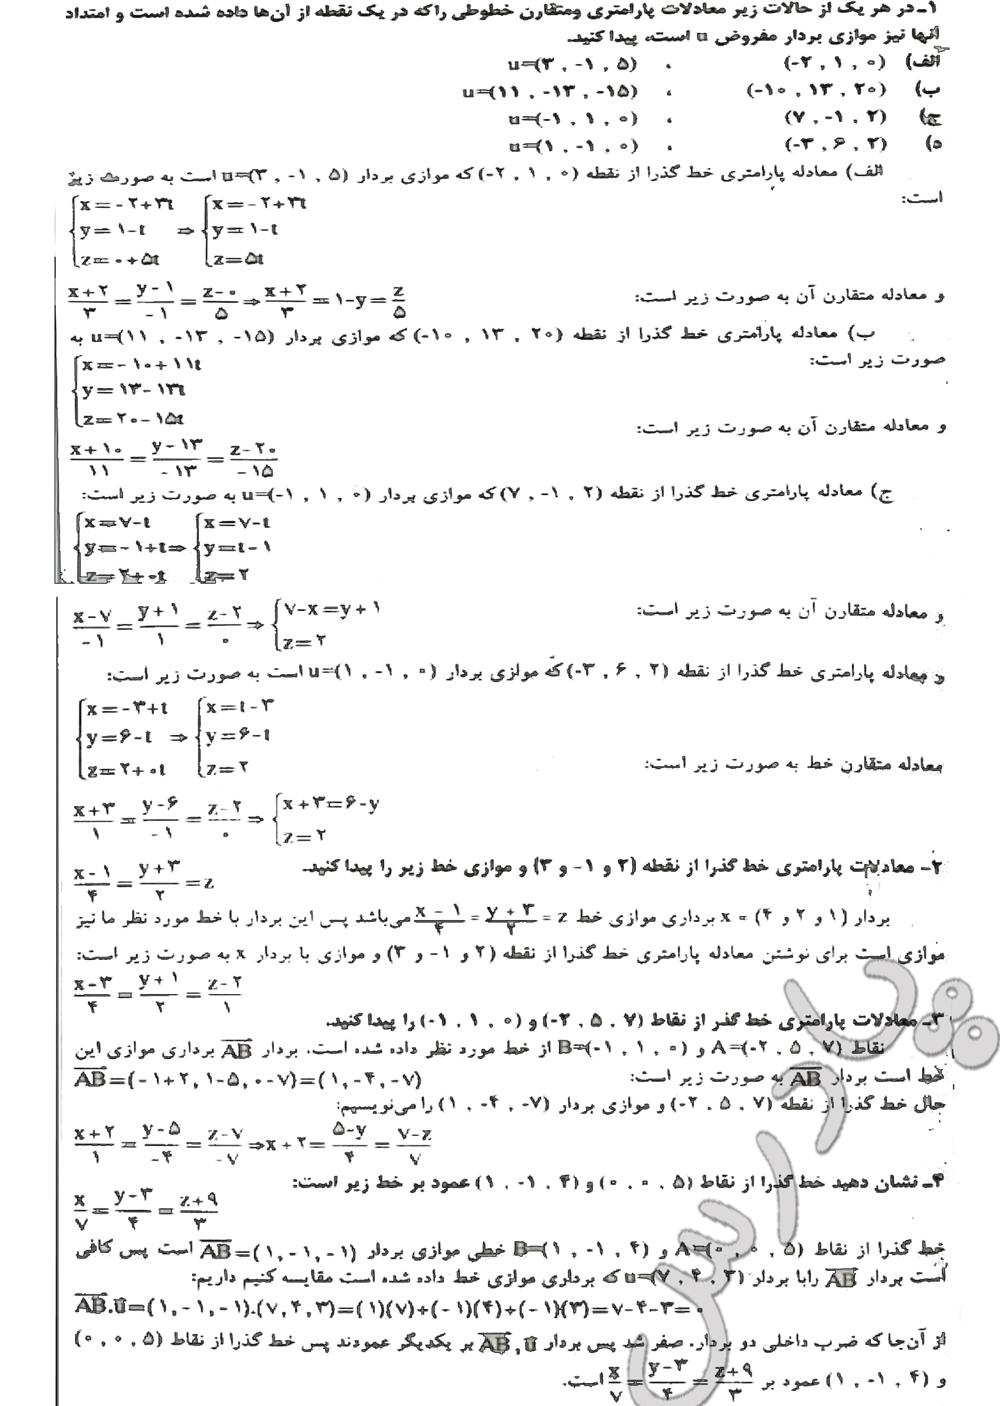 حل تمرین 1 تا 4 صفحه 41 فصل دوم هندسه تحلیلی پیش دانشگاهی